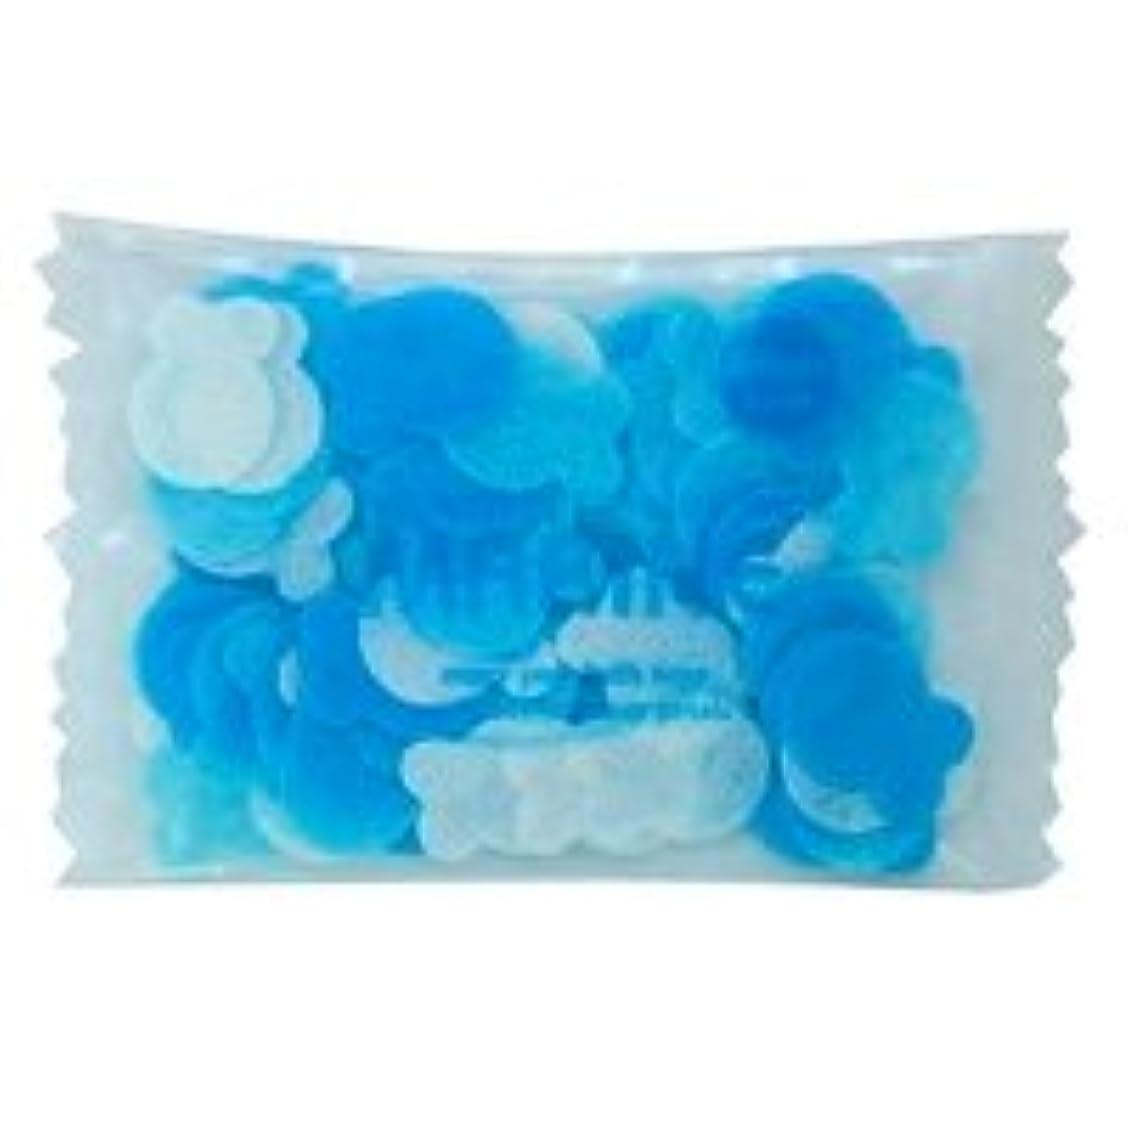 カスケード隠すスーツケースフラワーペタル バブルバス ミニパック「マリン」20個セット 穏やかで優しい気持ちになりたい日に心をなごませてくれる爽やかなマリンの香り